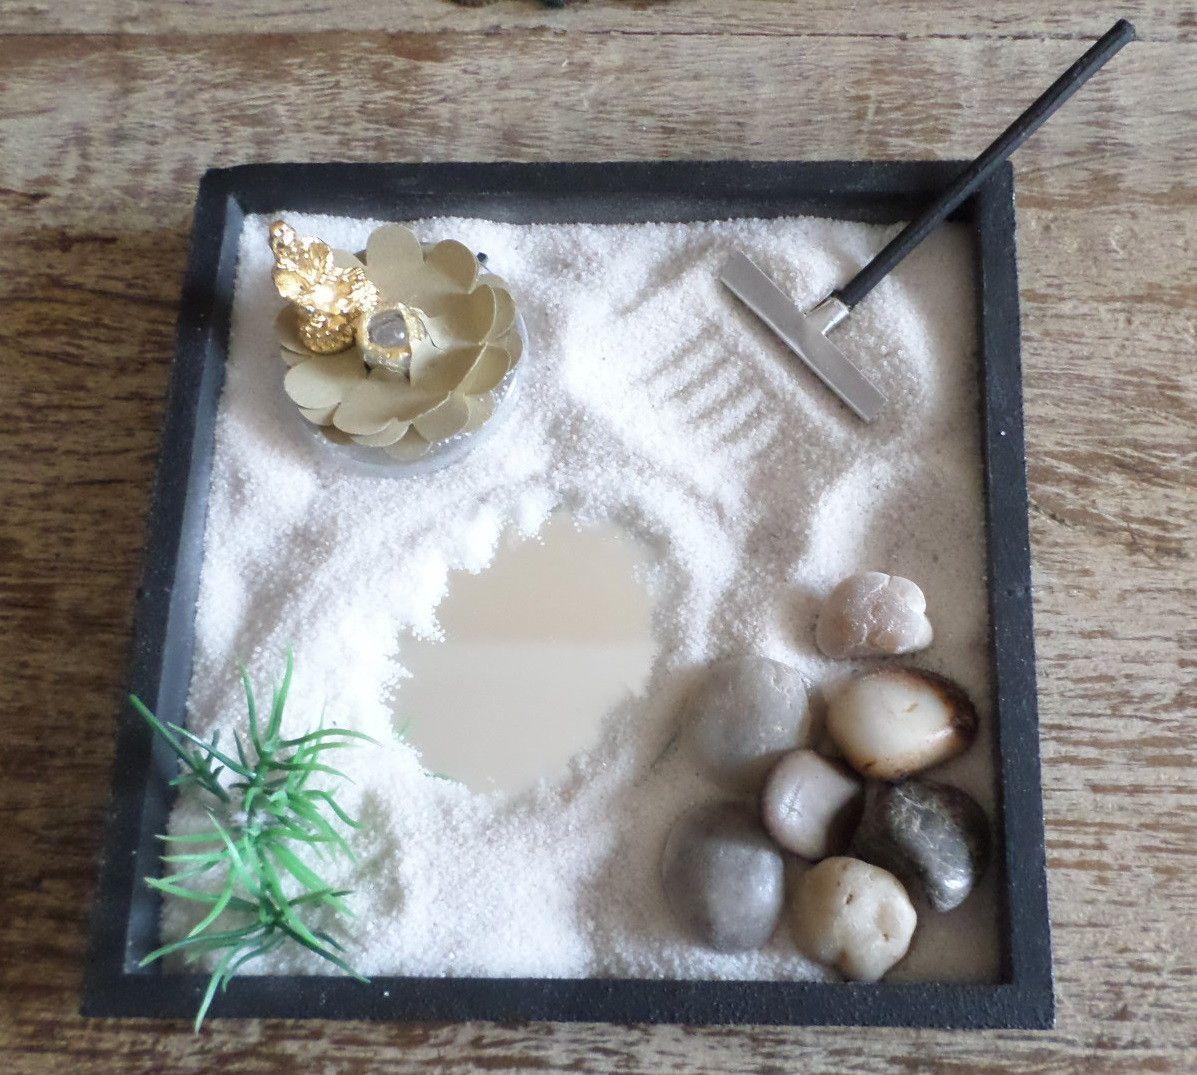 дзен реллакс минисад сад медитация hand made руками своими